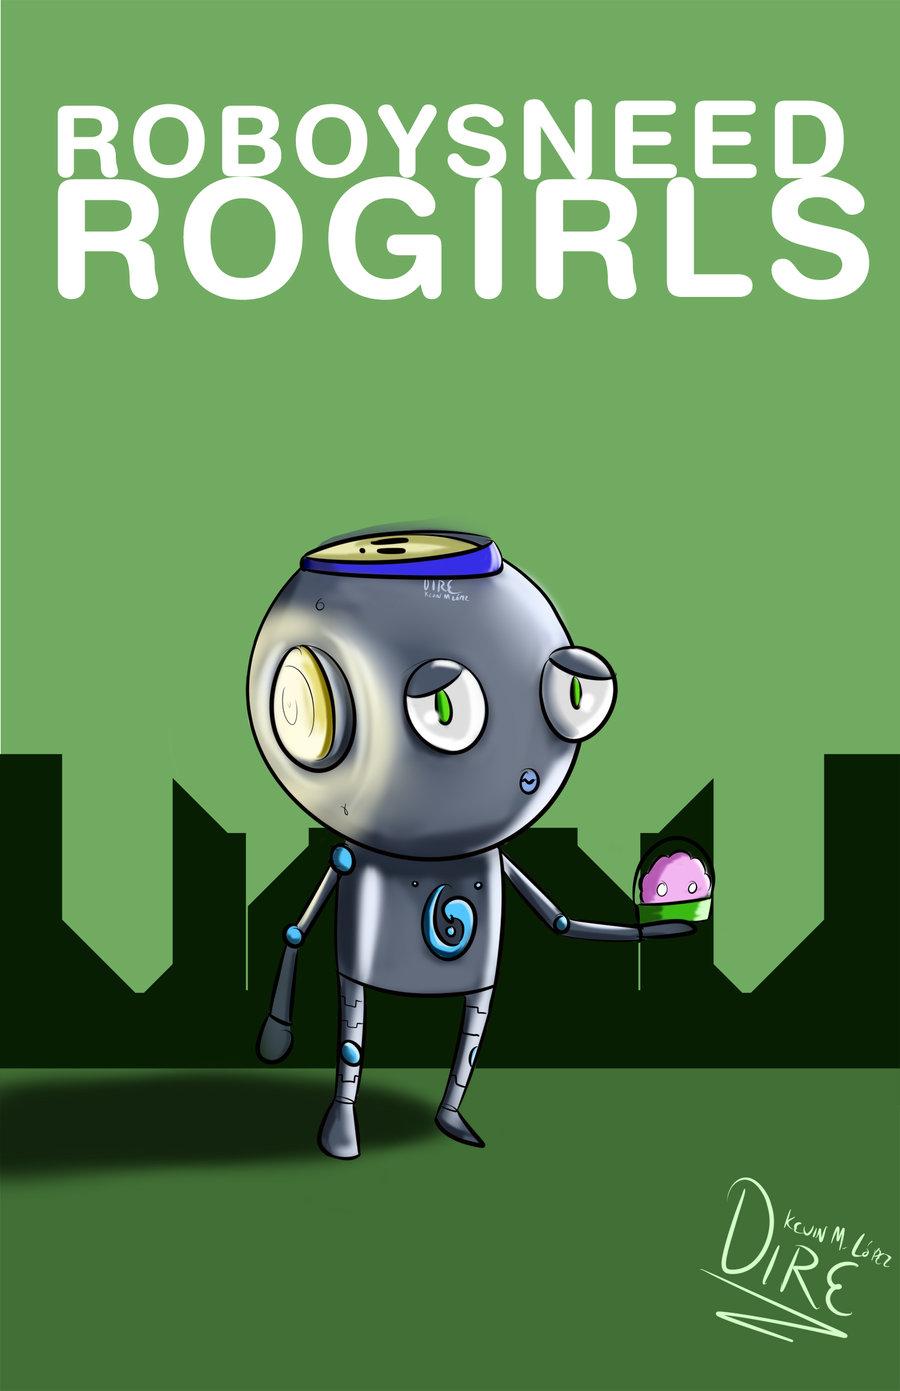 Roboys need rogirls